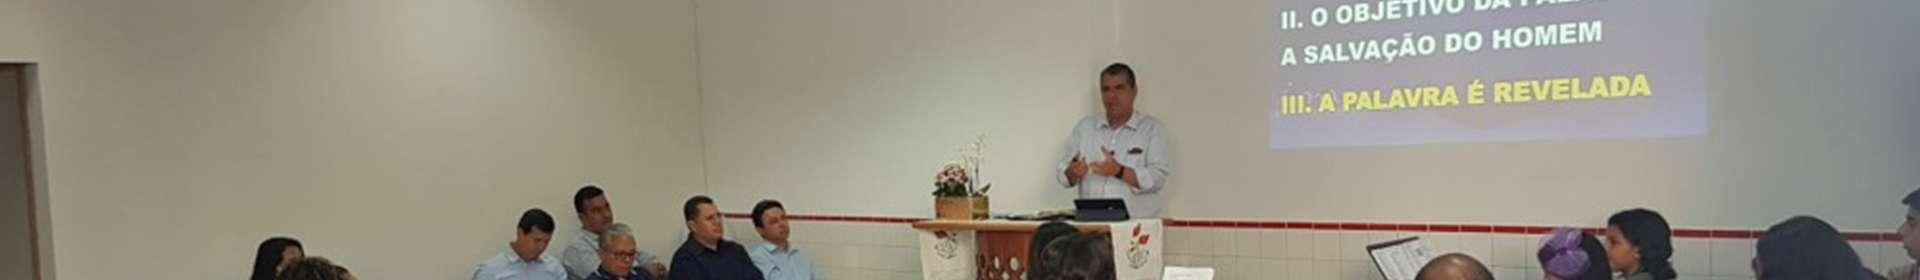 Igrejas Cristã Maranata de Portugal participam de eventos especiais